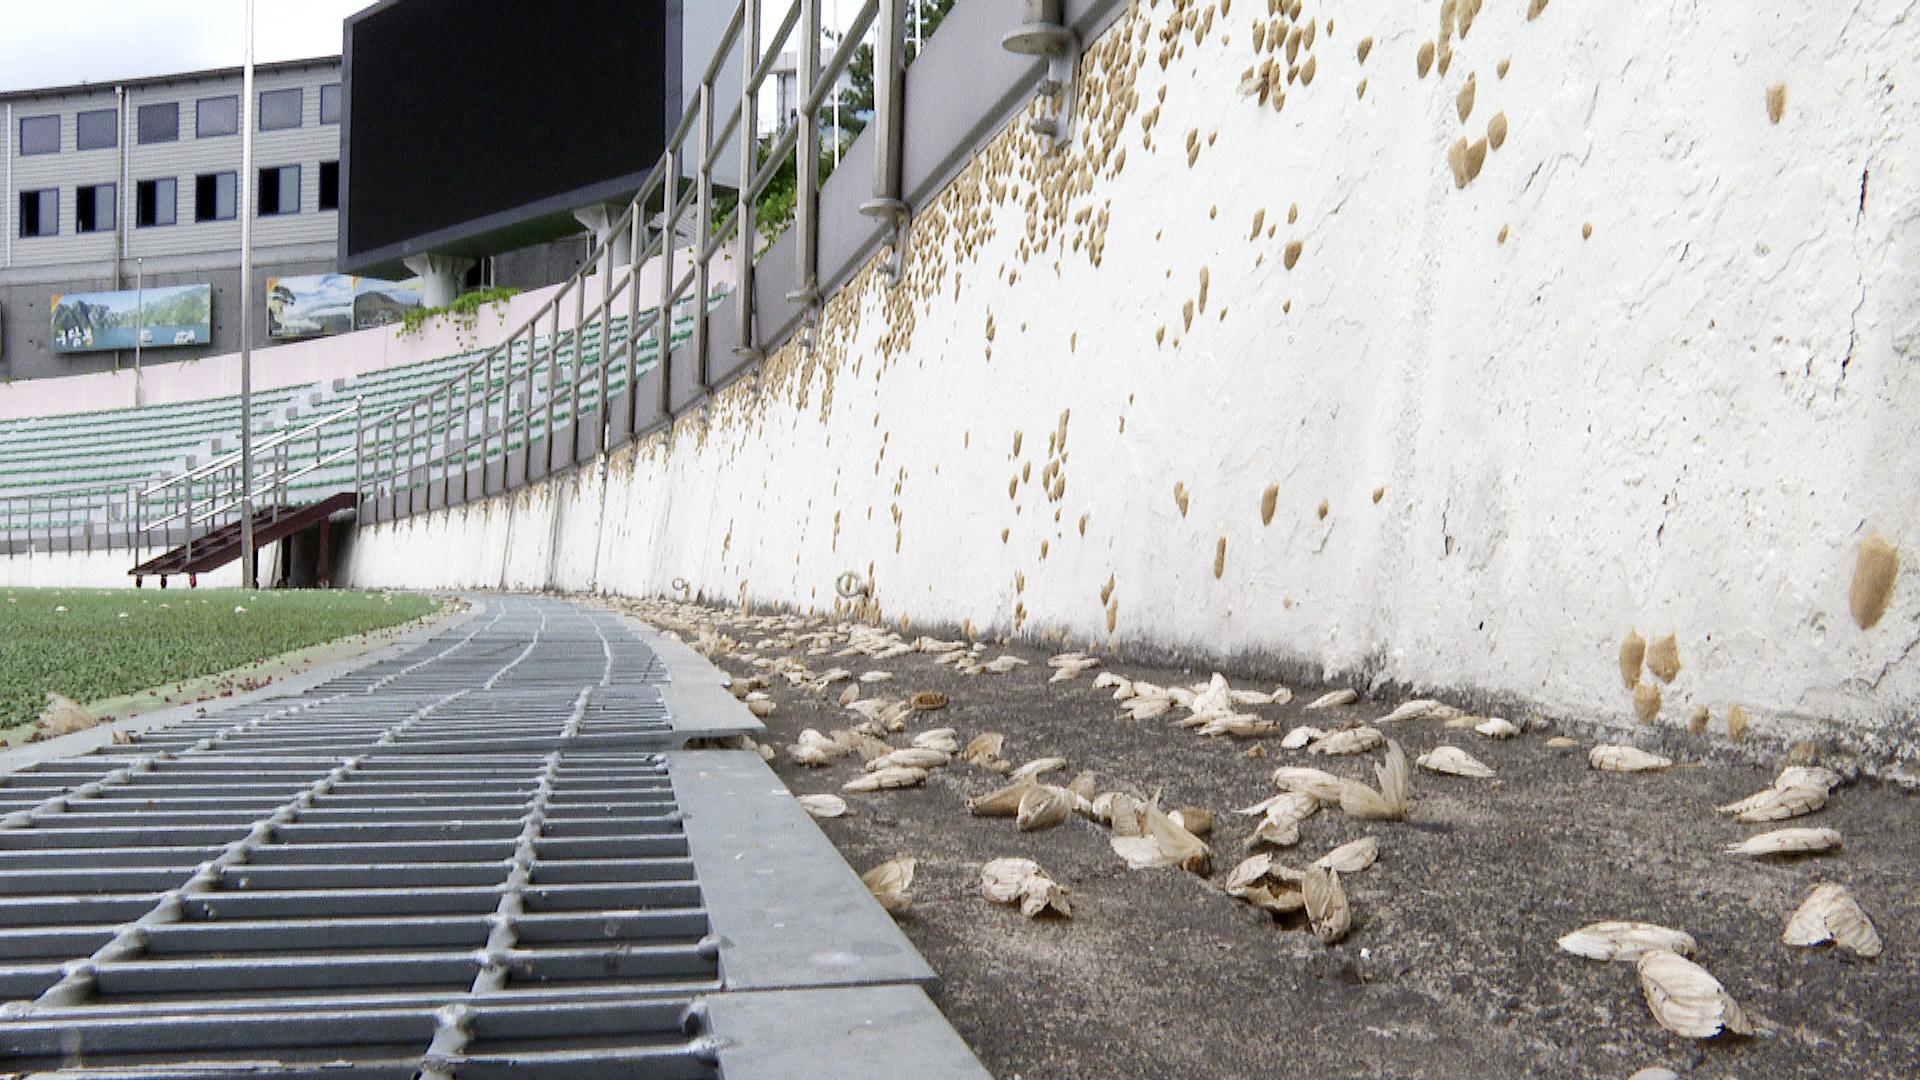 충북 단양이 재난영화를 방불케 하는 매미나방 떼의 출몰로 방제 전쟁을 치르고 있다. 사진은 매미나방 떼 출몰로 운영이 중단된 단양 공설운동장. [연합뉴스]